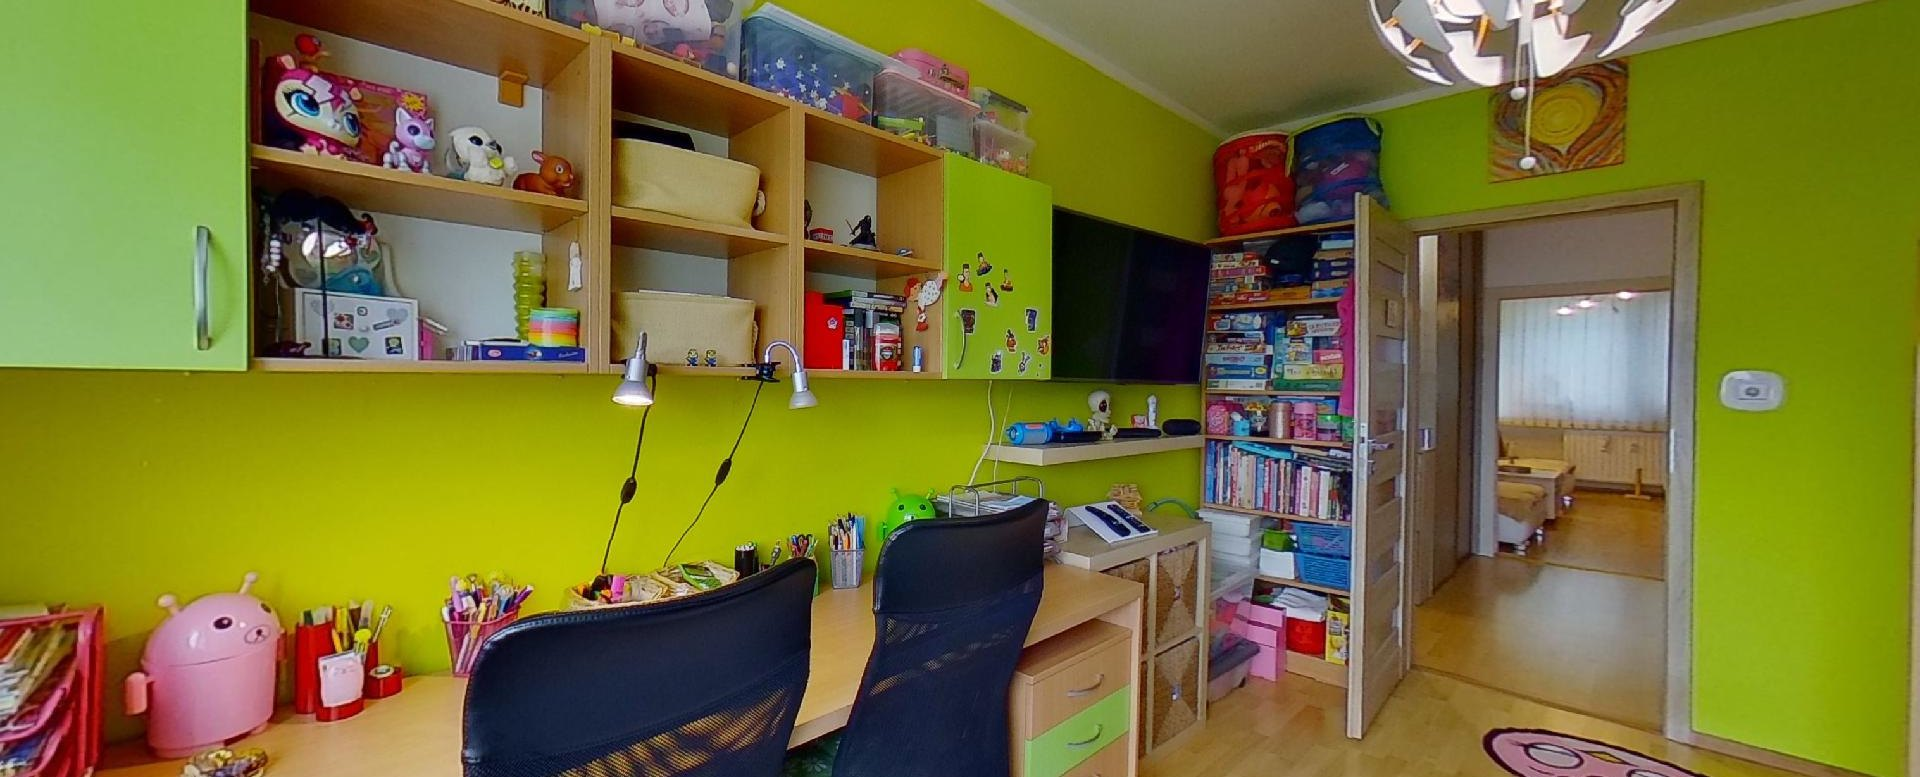 Detská izba pohľad 2